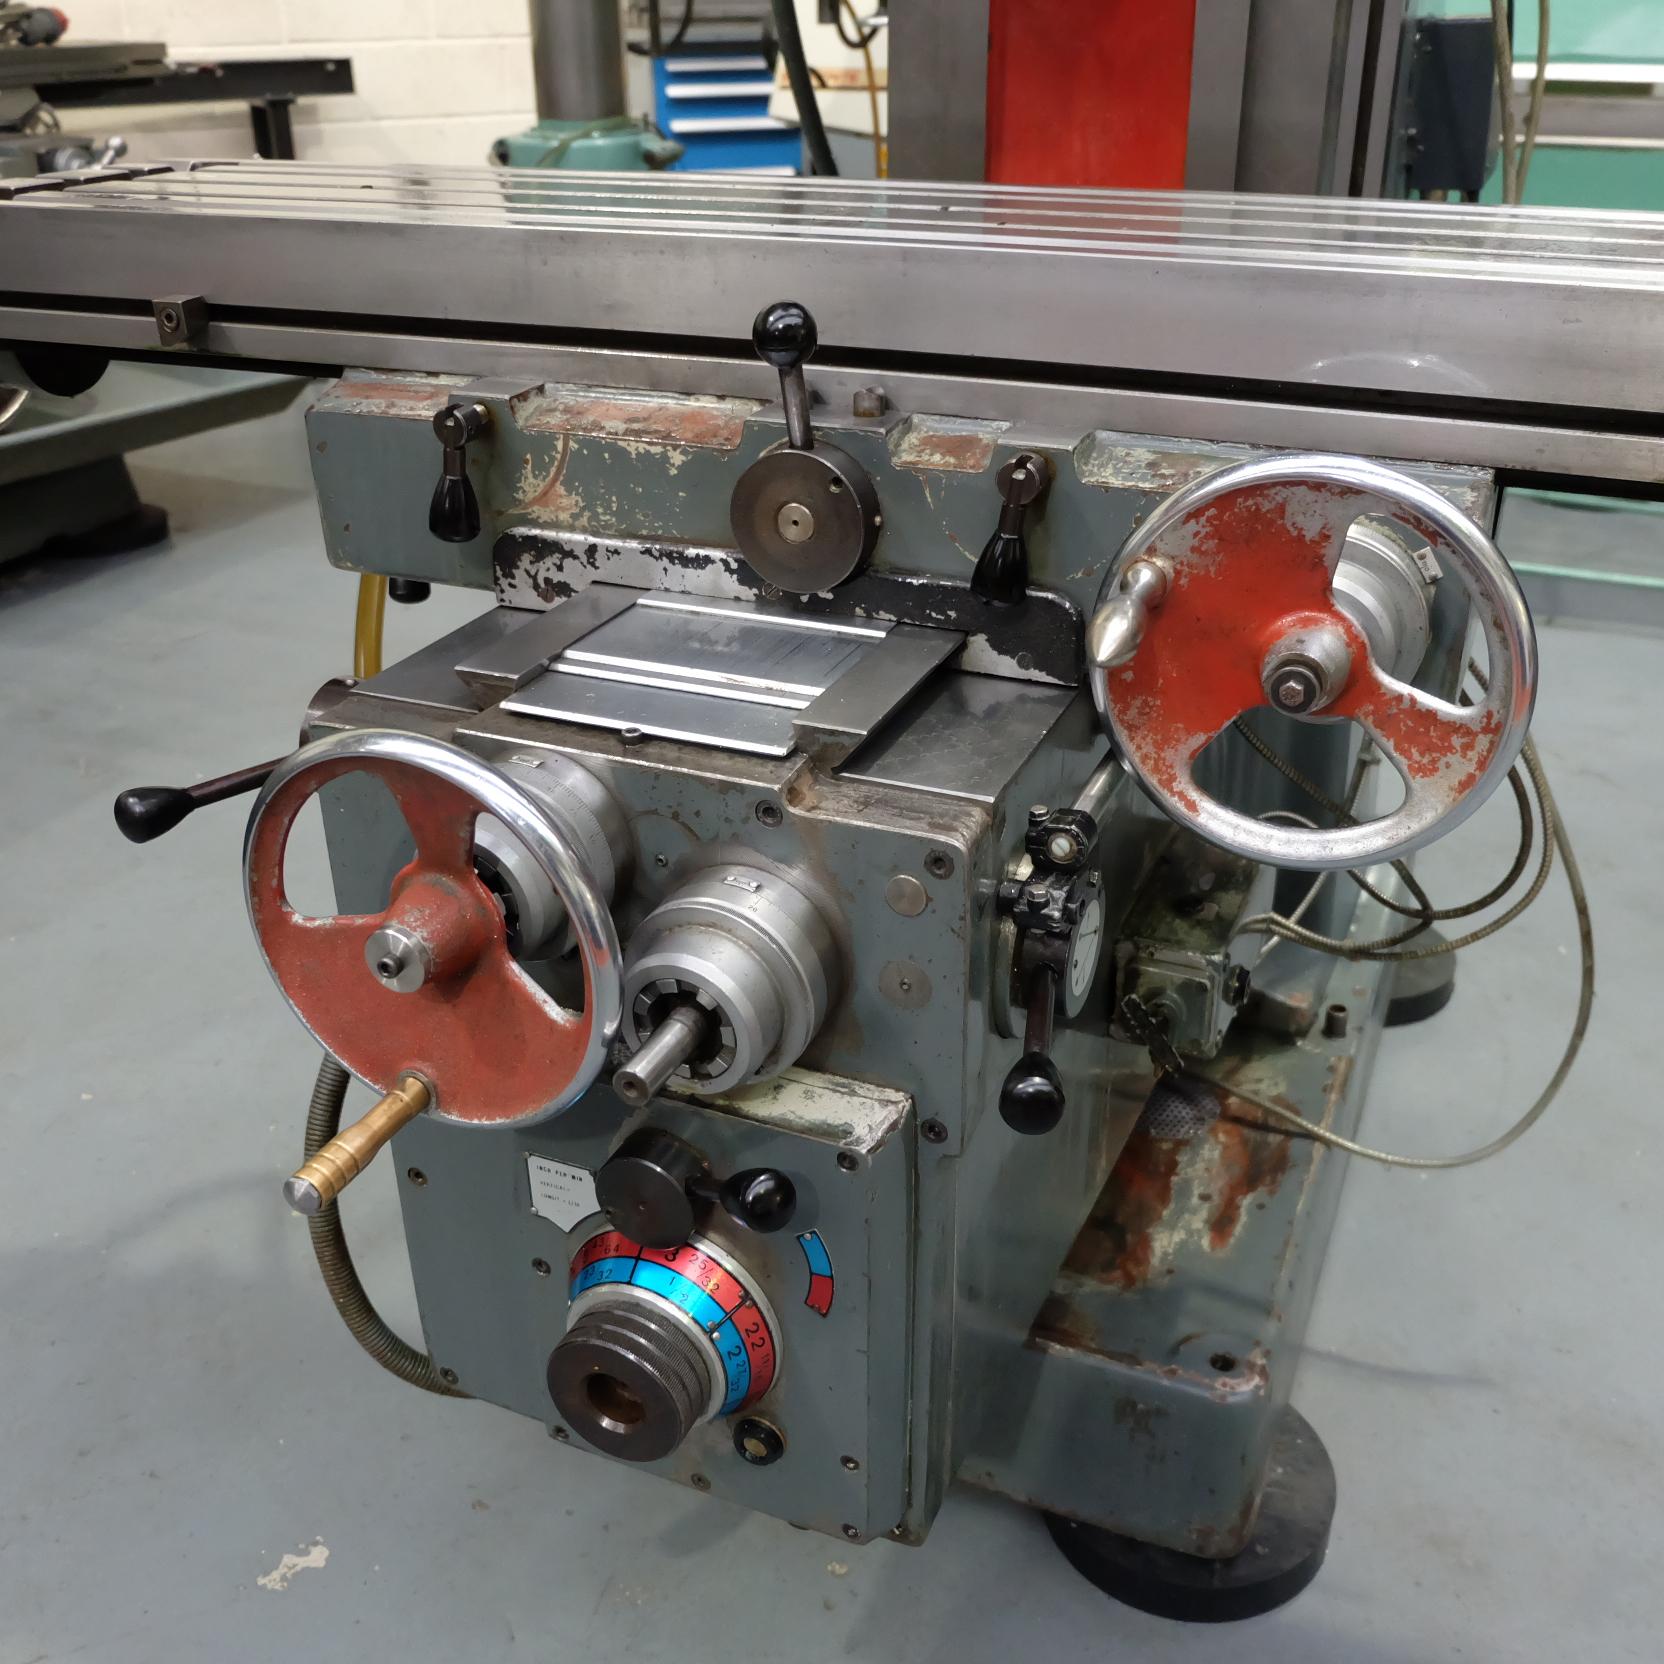 Ajax Model AJT4 Turret Milling Machine. - Image 7 of 9